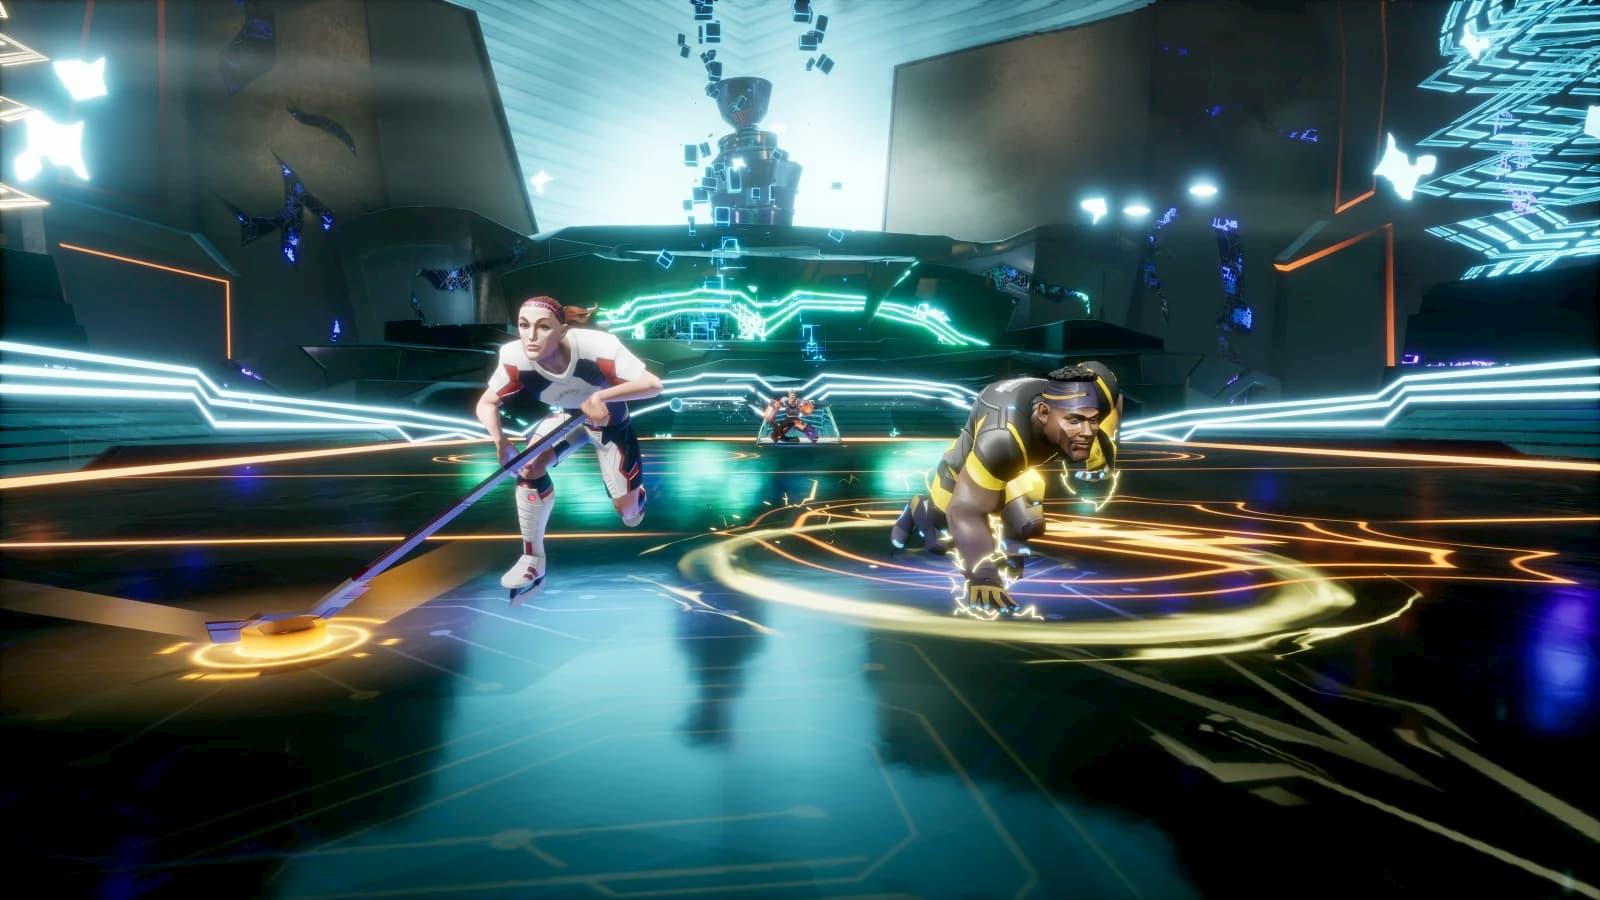 Apple Arcade ganha game exclusivo de esportes com estrelas americanas - Gizmodo Brasil